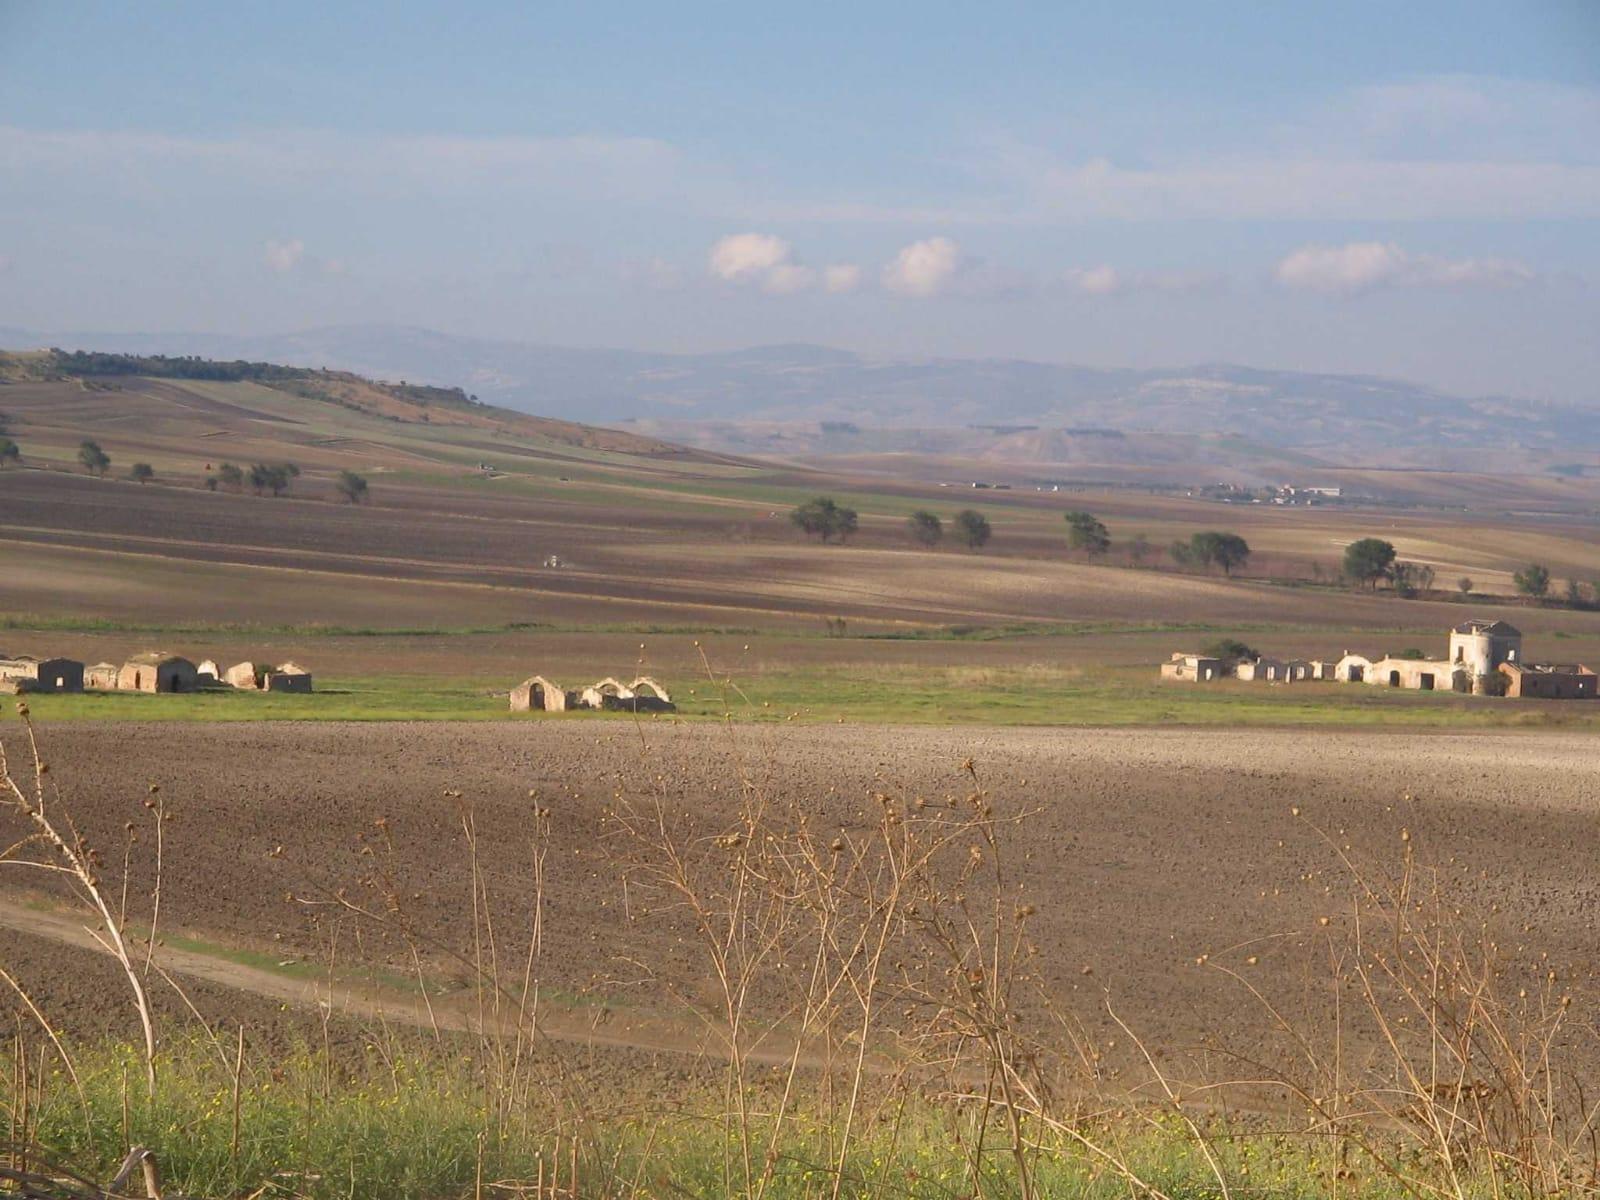 In stampa nelle prossime settimane il libro di Antonio Di Cesare sullo studio e censimento delle masserie storiche e fabbricati rurali presenti nell'agro di Torremaggiore